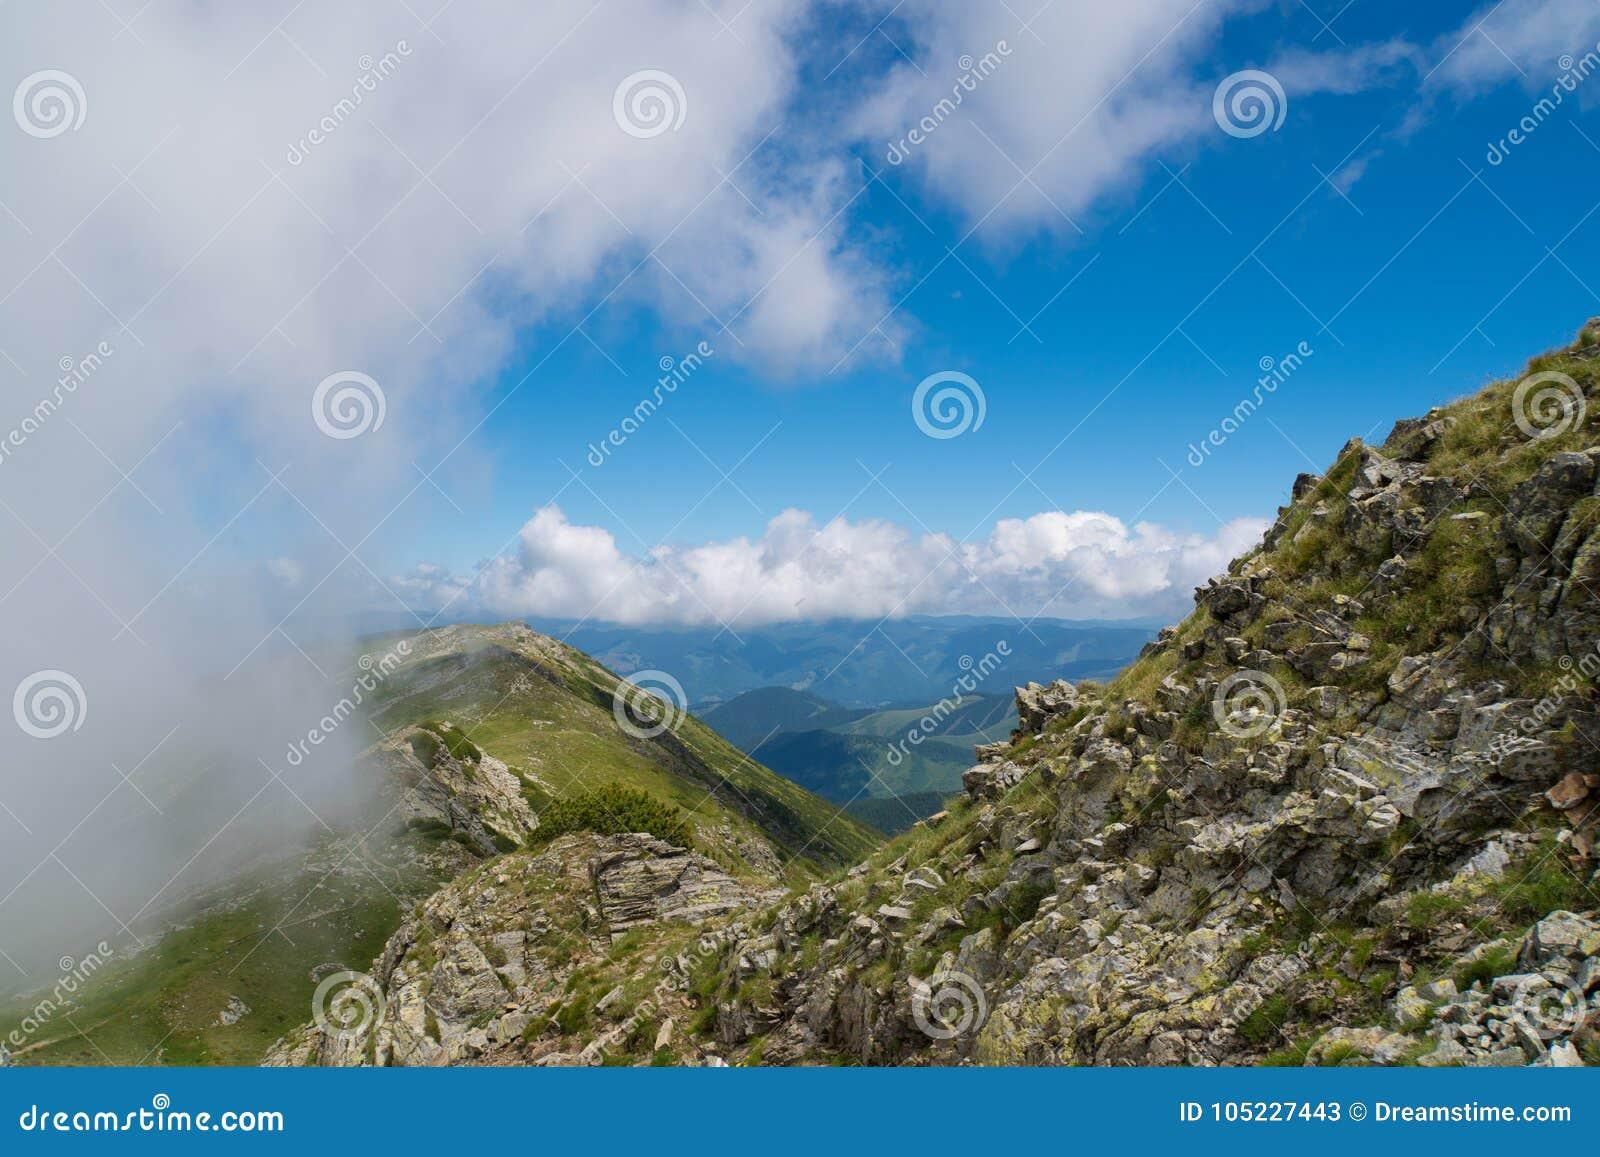 Όμορφο άγριο τοπίο με τα δύσκολα βουνά και έναν όμορφο θερινό ουρανό